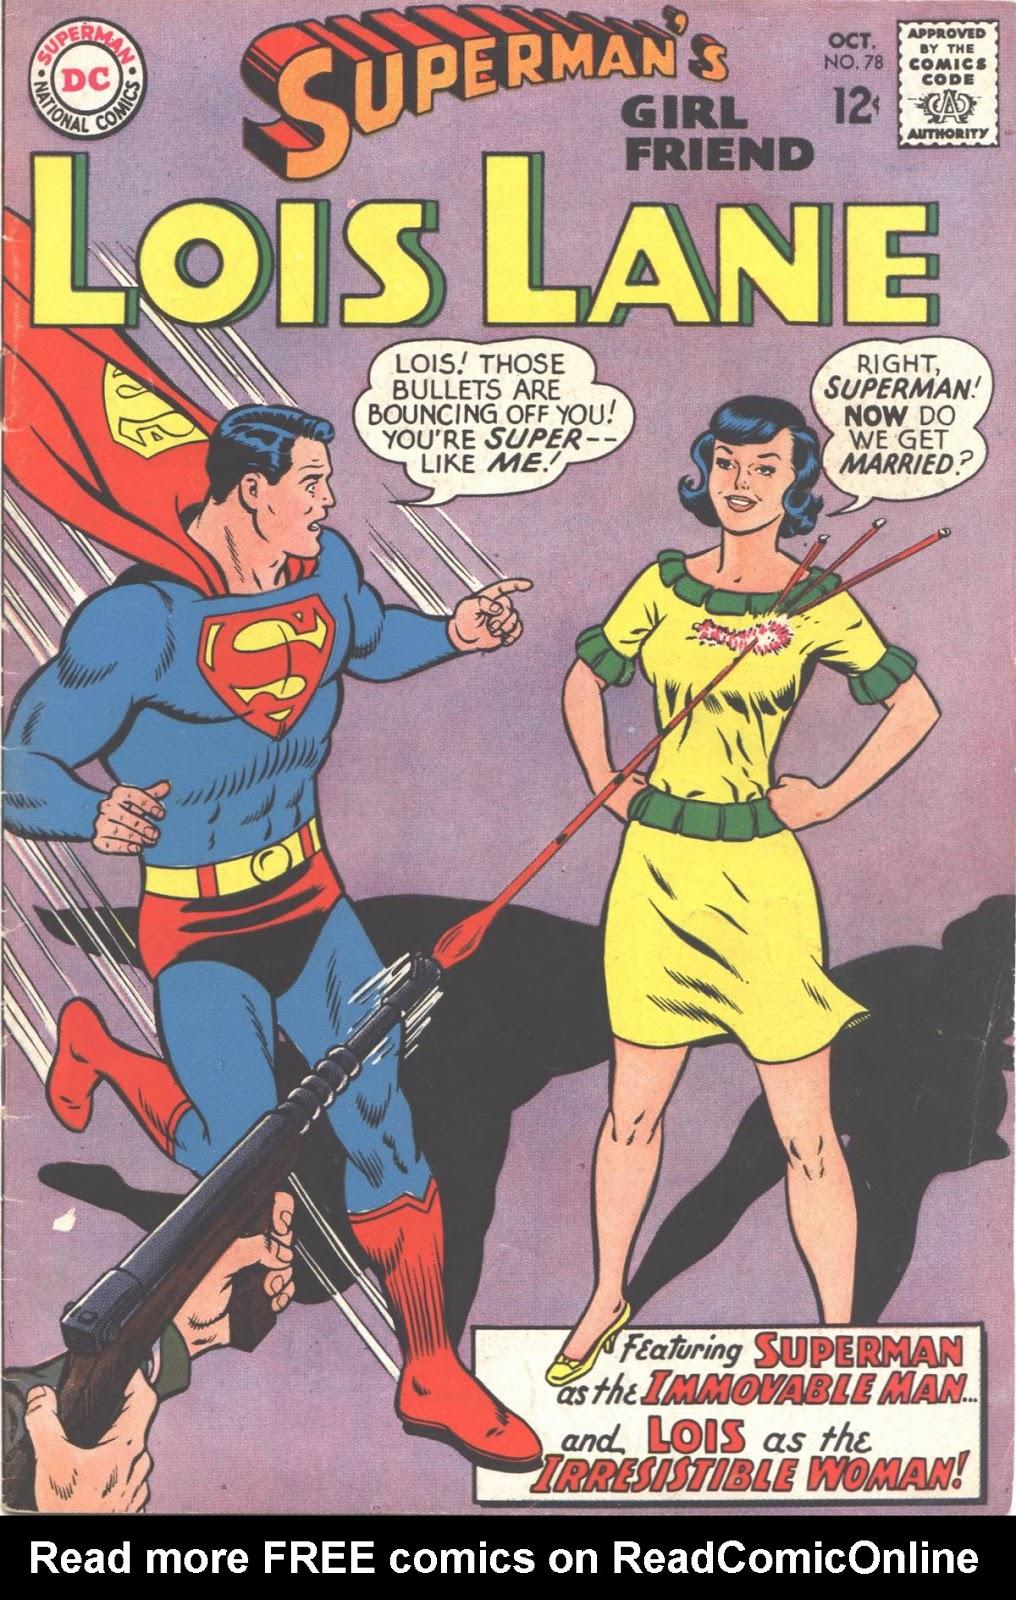 Supermans Girl Friend, Lois Lane 78 Page 1